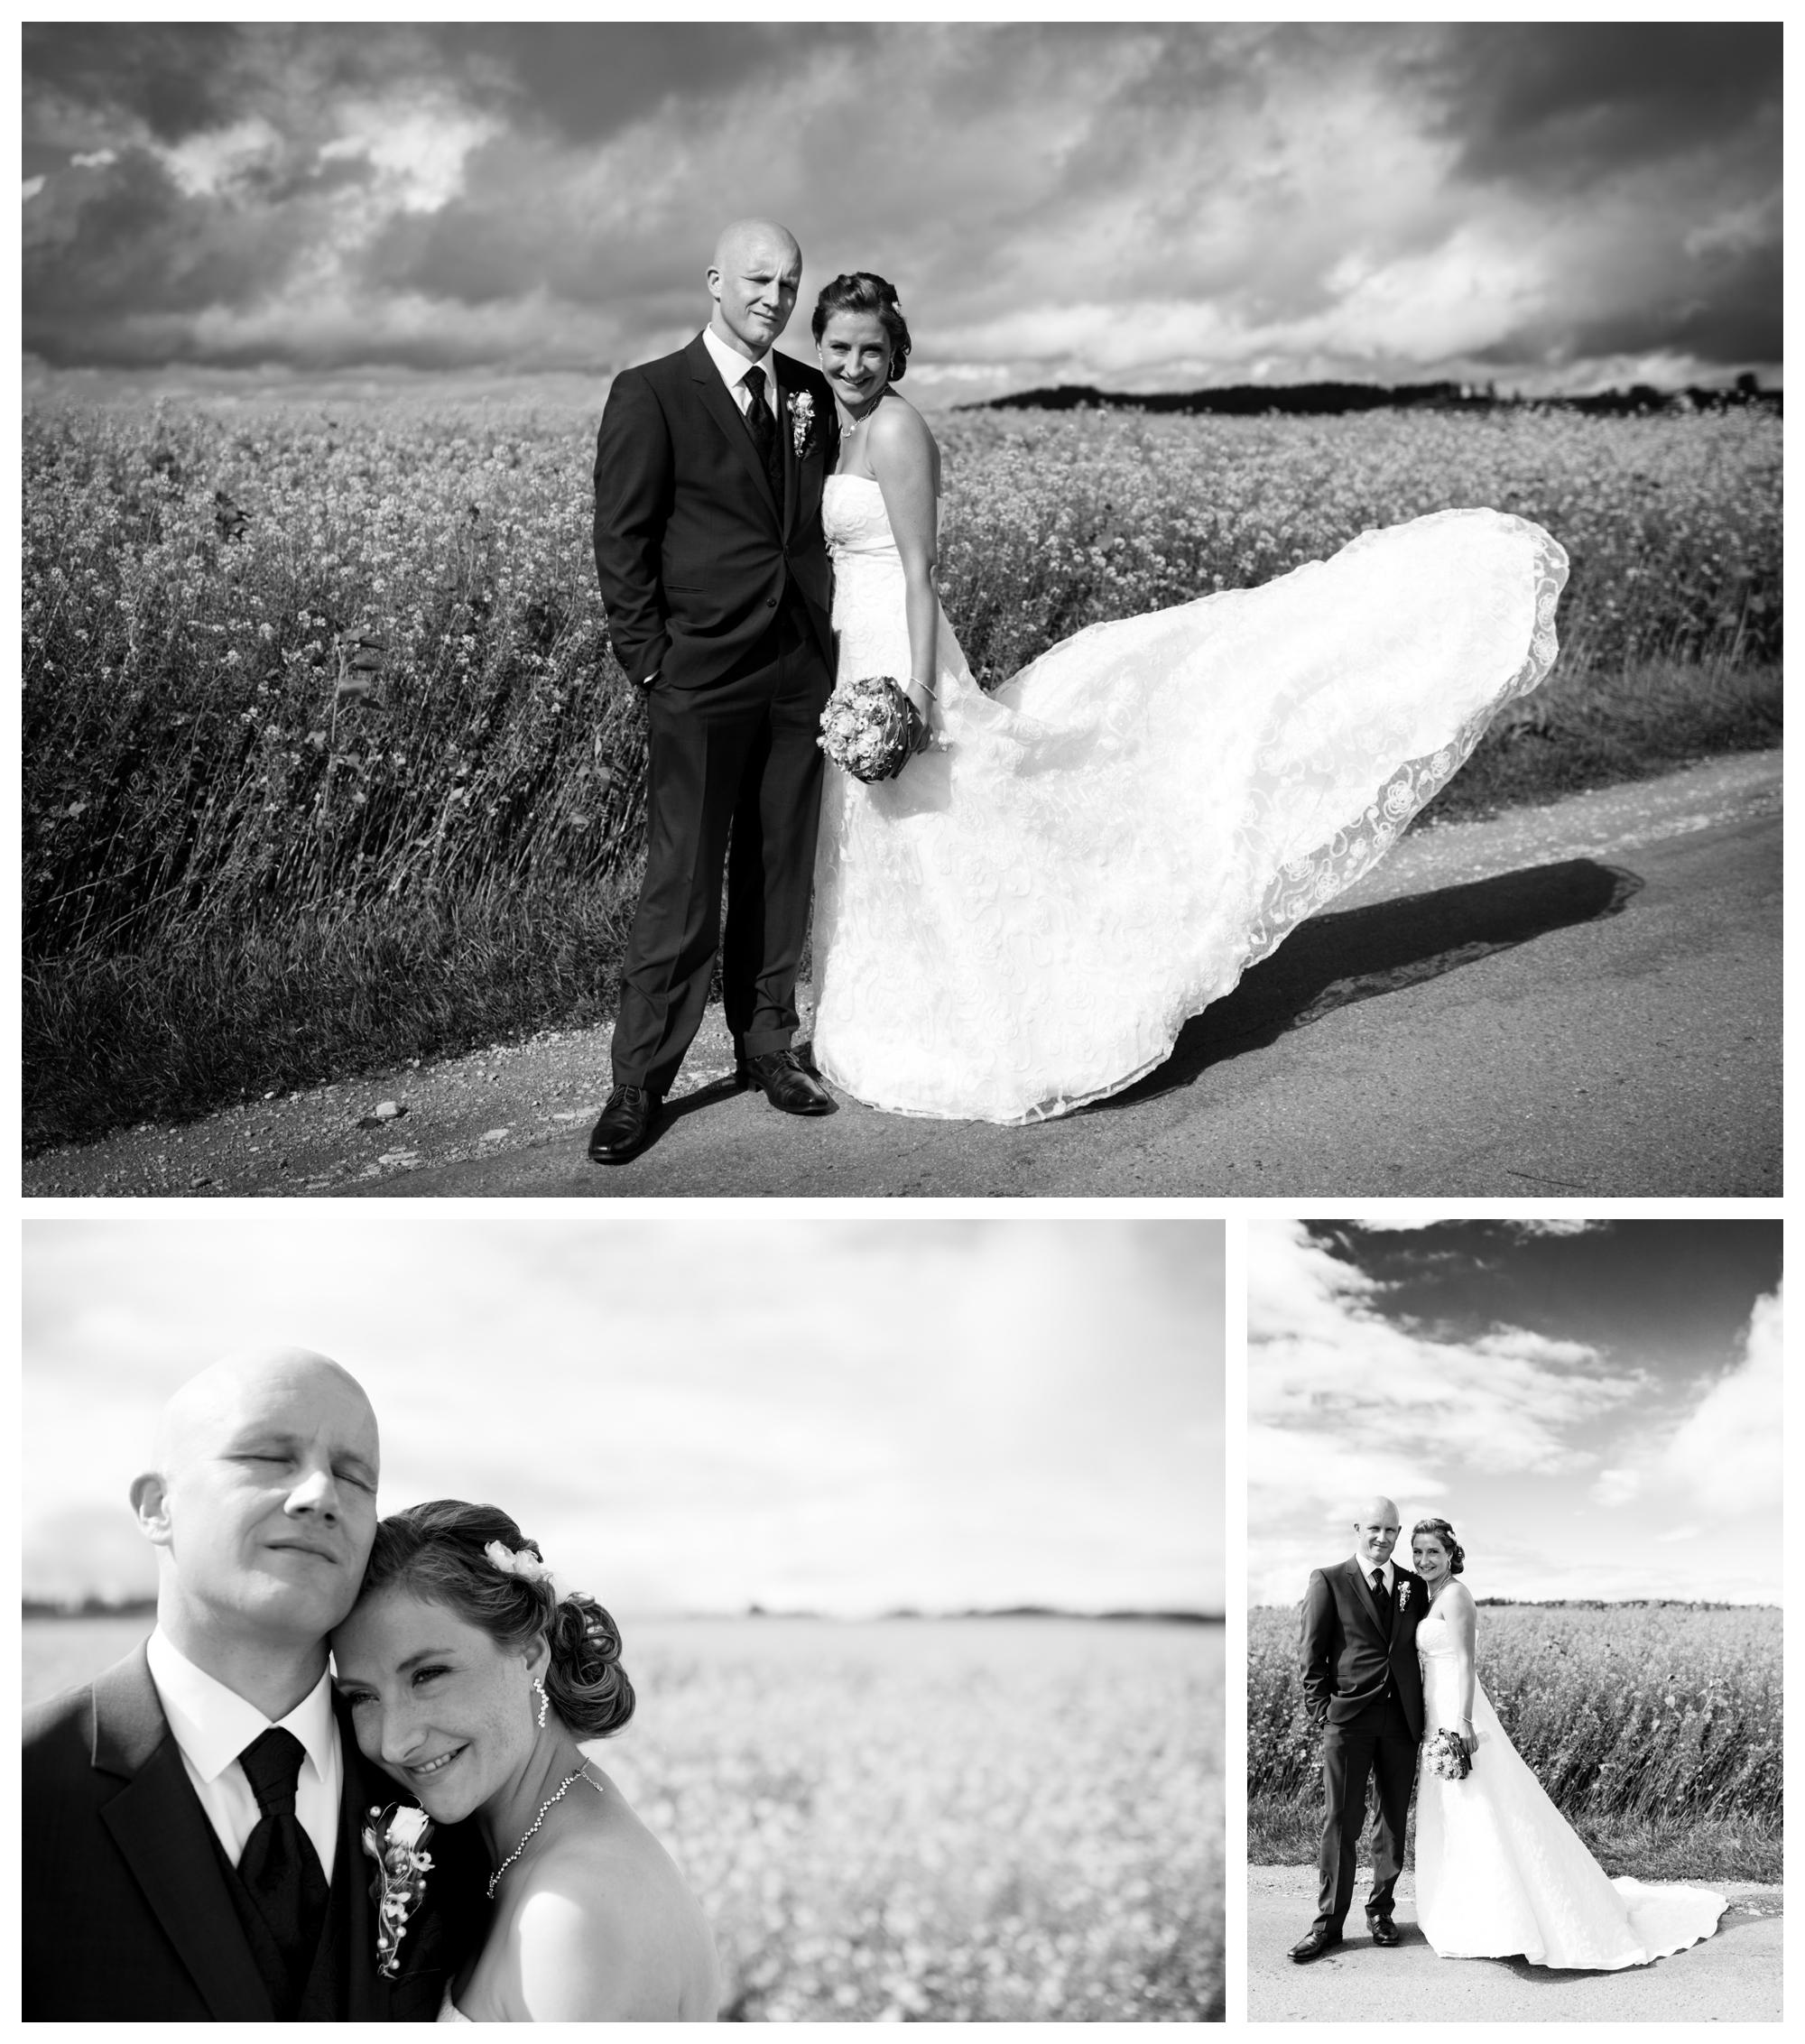 Fotograf Konstanz - 2013 12 09 0013 - Als Hochzeitsfotograf in Bad Dürrheim unterwegs  - 28 -